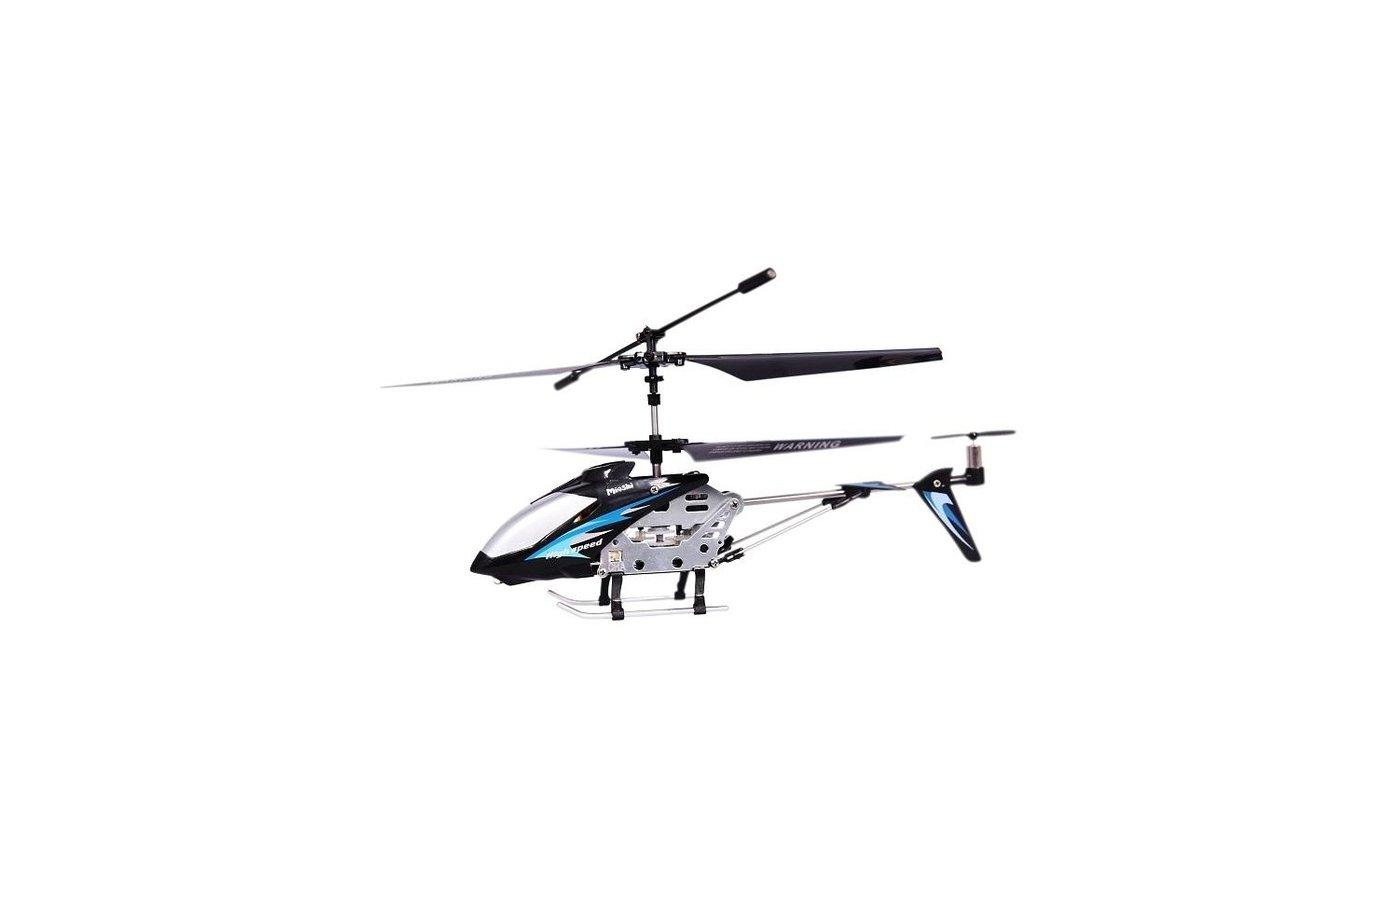 Игрушка MioshiTech MTE1202-222Ч Вертолет на р/у